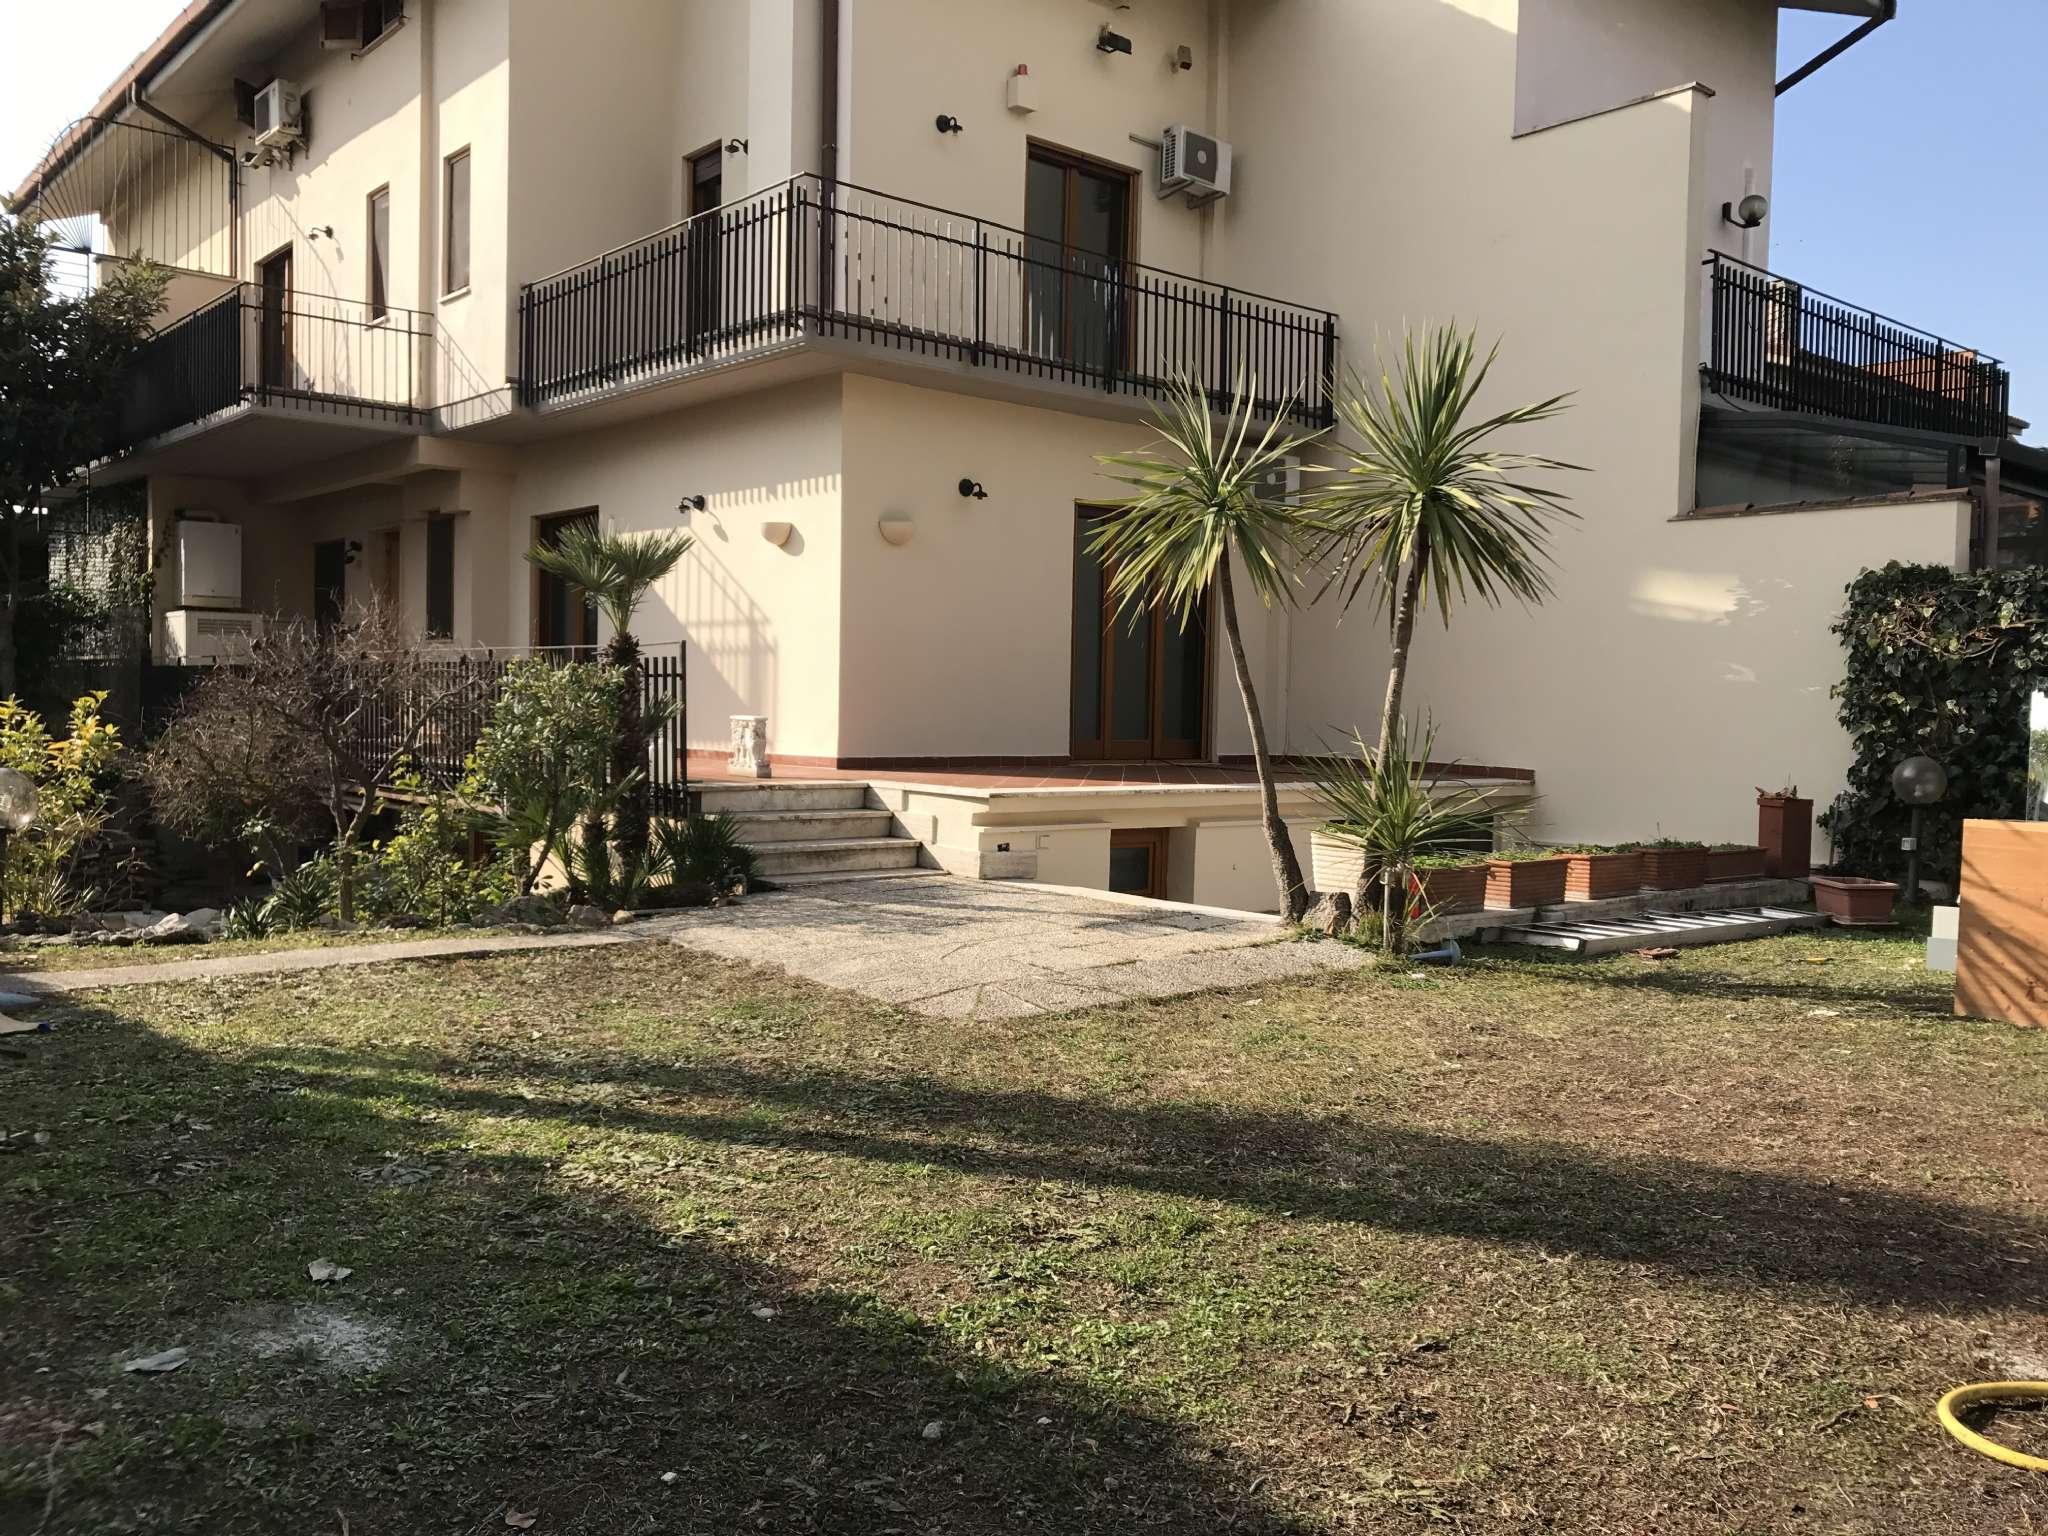 Villa Quadrifamiliare in vendita 6 vani 213 mq.  via Stesicoro Roma